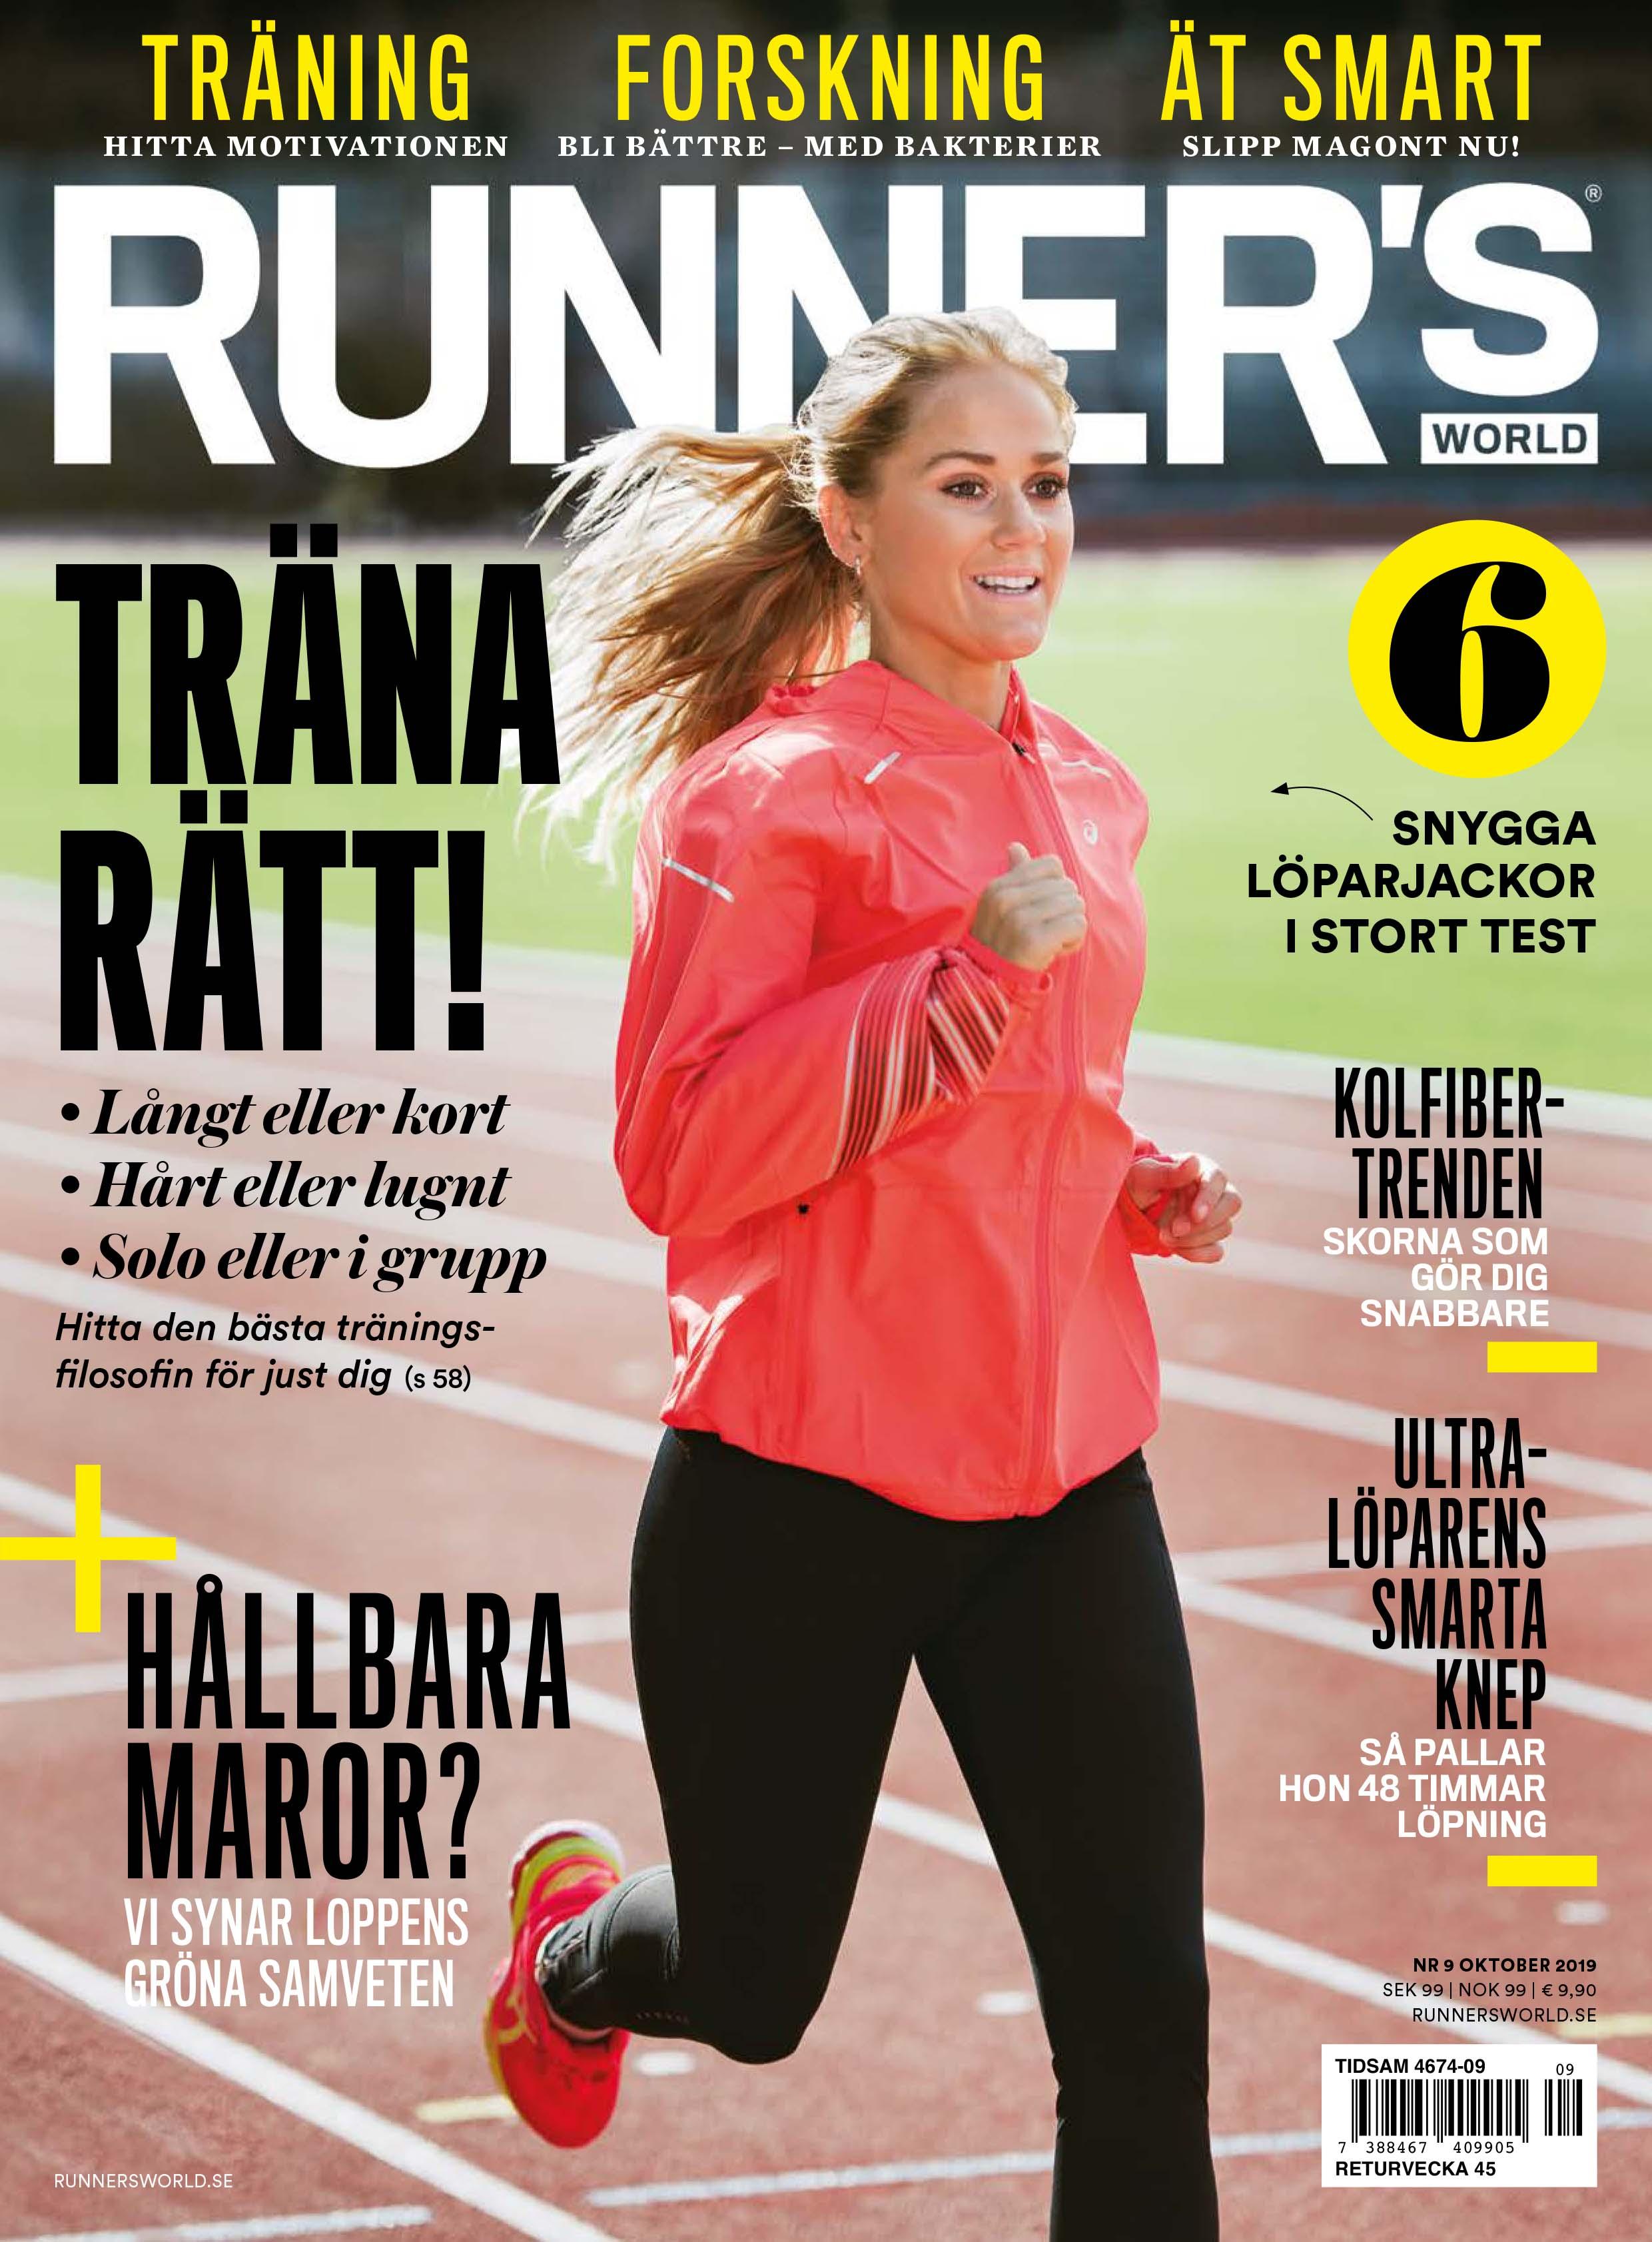 Runner's World nummer 6, 2010 StockholmMarathon Stockholm Marathon